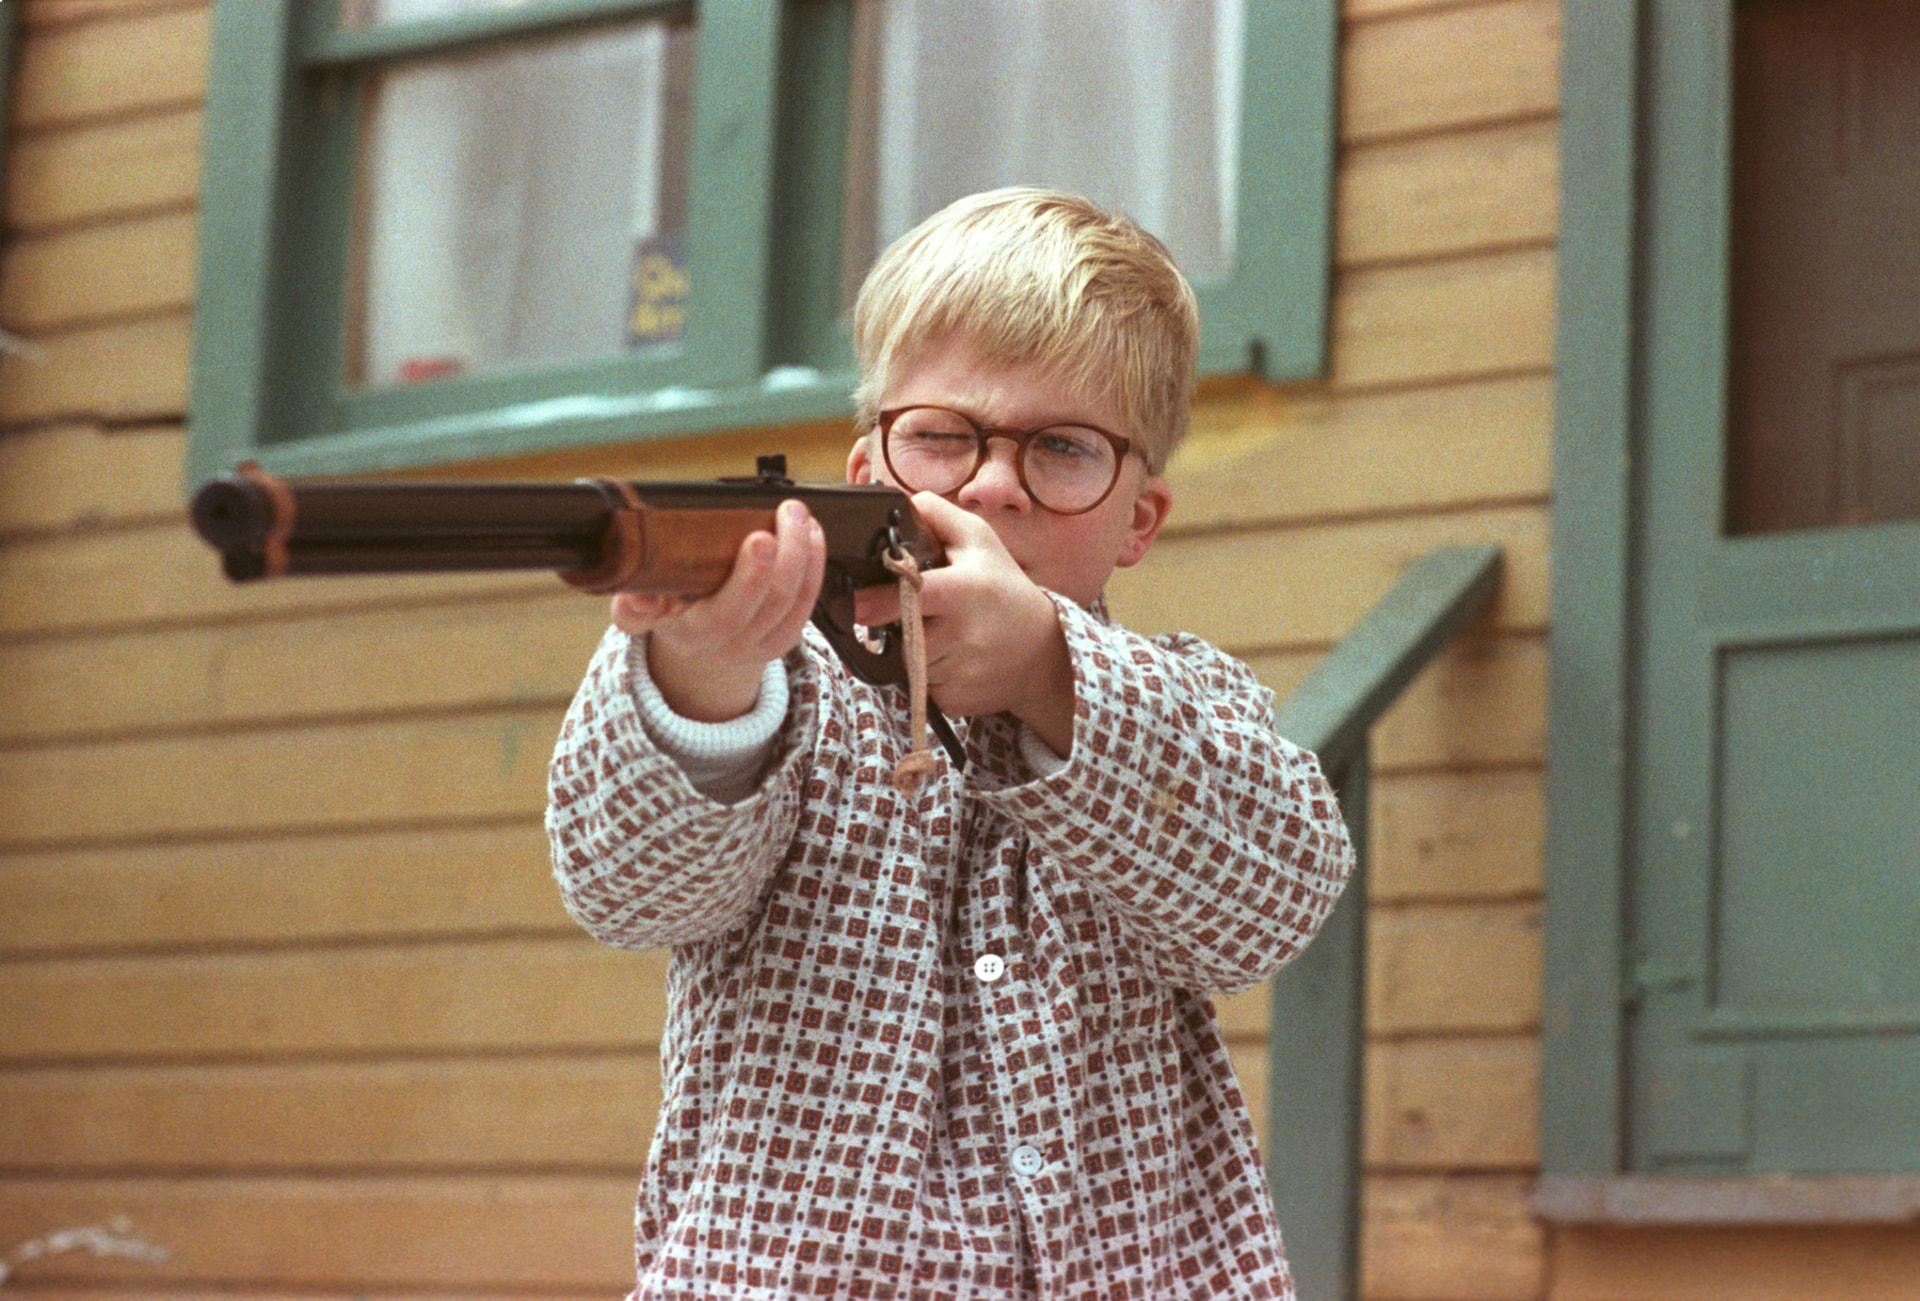 Ralphie in pajamas shooting BB gun